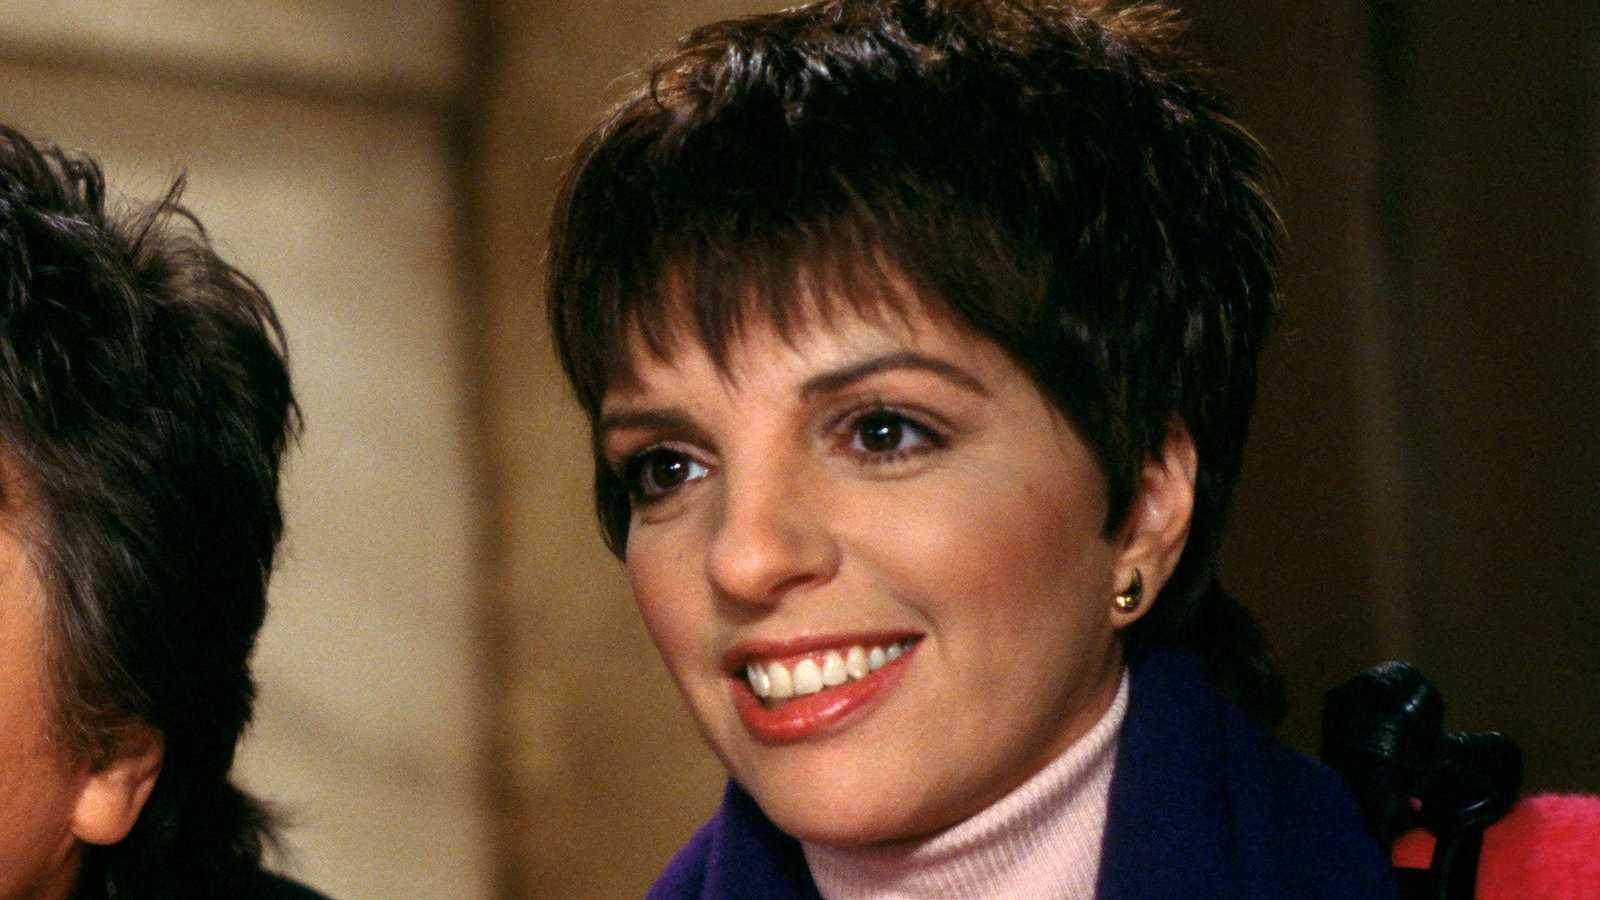 Embora Liza Minnelli não seja gay, ela se tornou um ícone gay para muitos fãs por seu apoio à comunidade LGBTQ